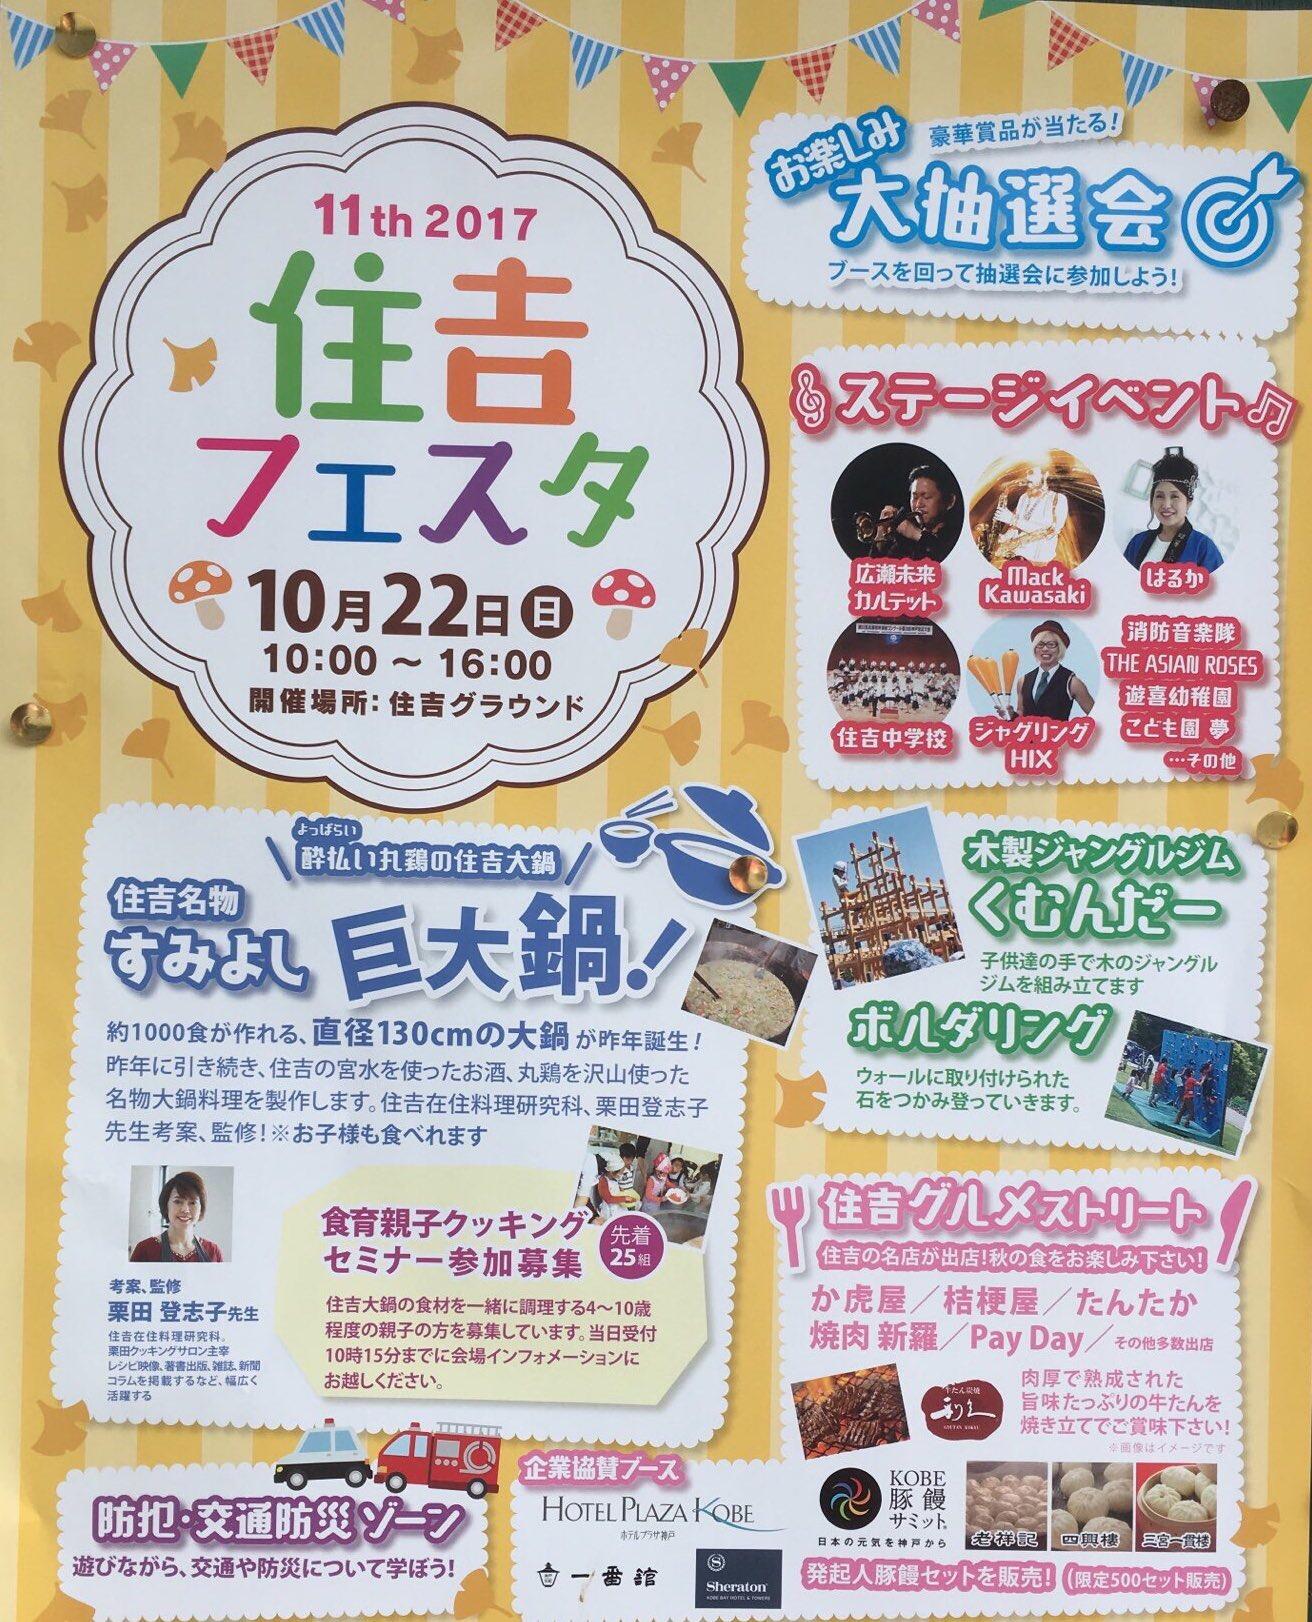 神戸・住吉で10/22(日)「住吉フェスタ」が開催されるよ! #住吉フェスタ #すみよし巨大鍋